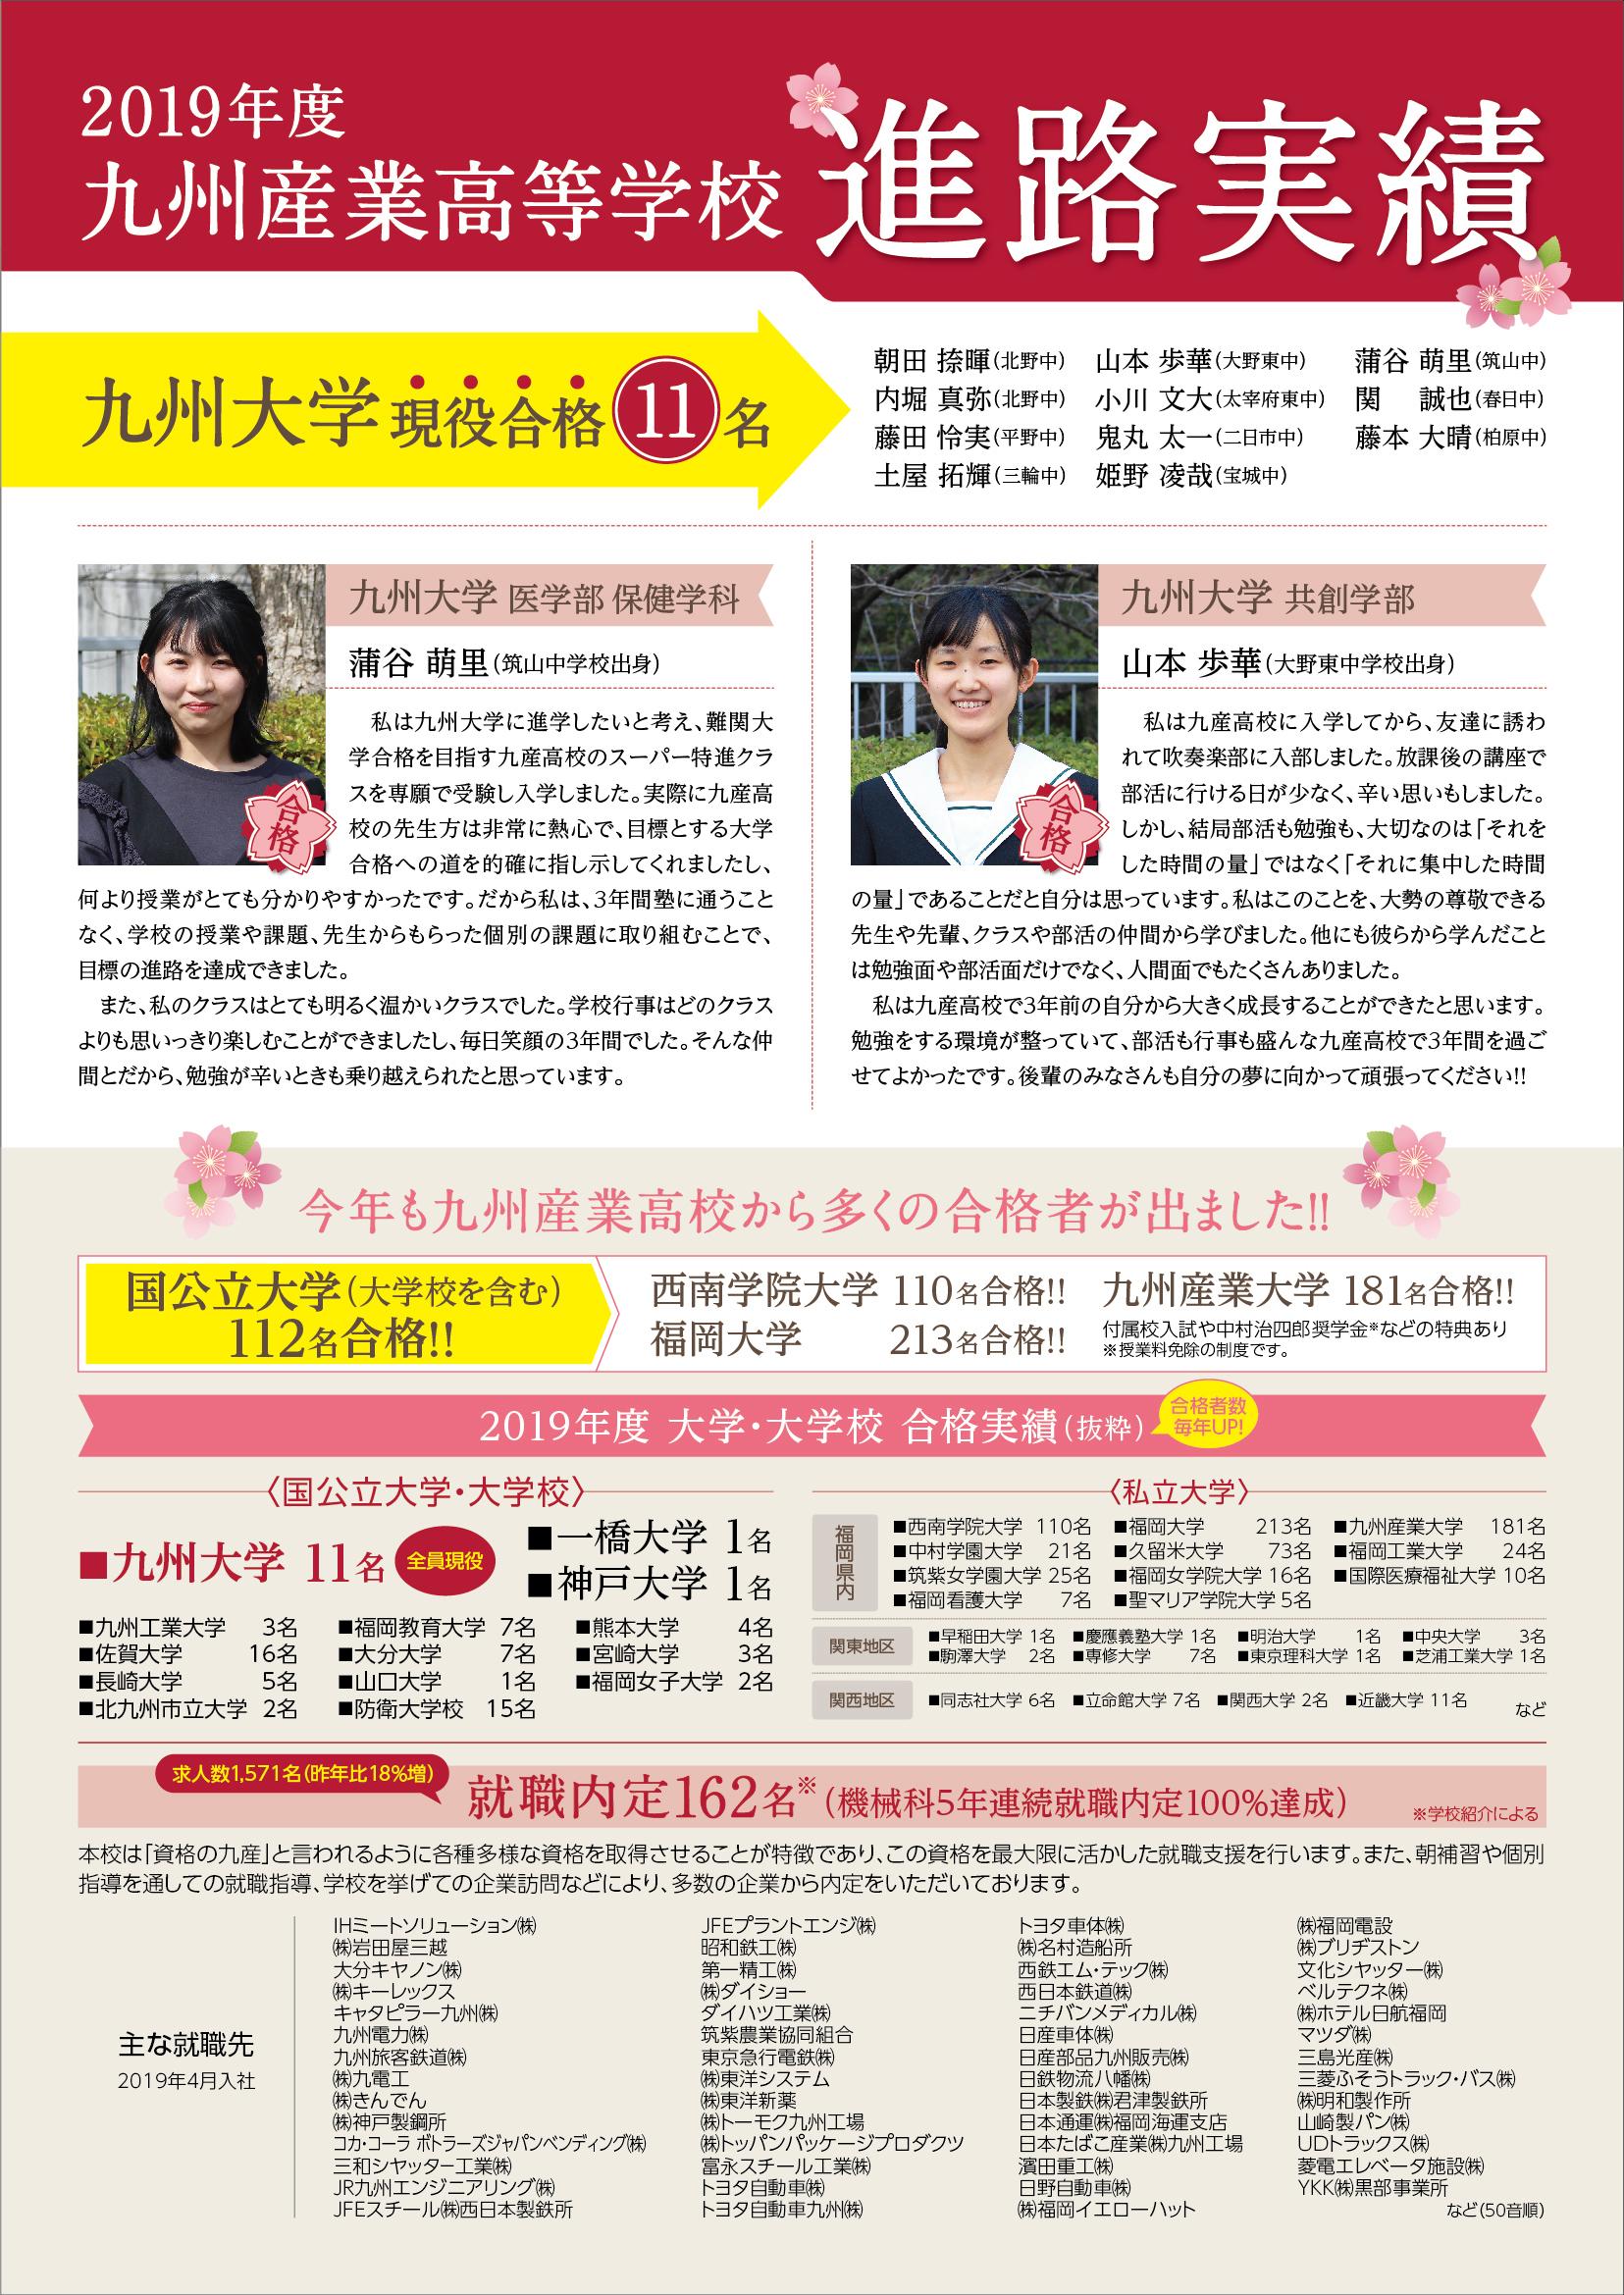 進学 福岡 実績 高校